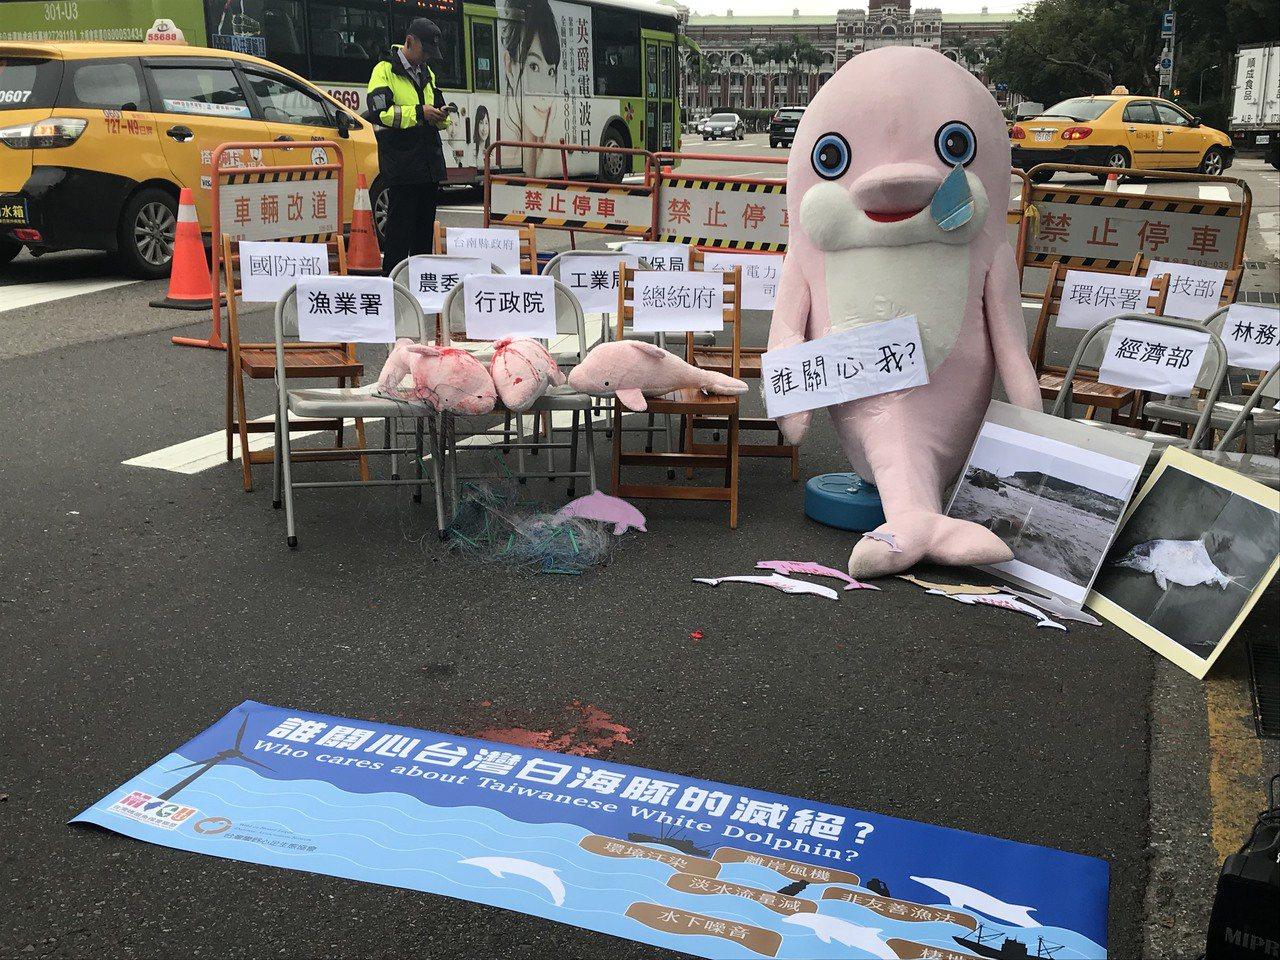 環團將白海豚大型玩偶放在地上,認為沒有政府關心白海豚。記者王思慧/攝影